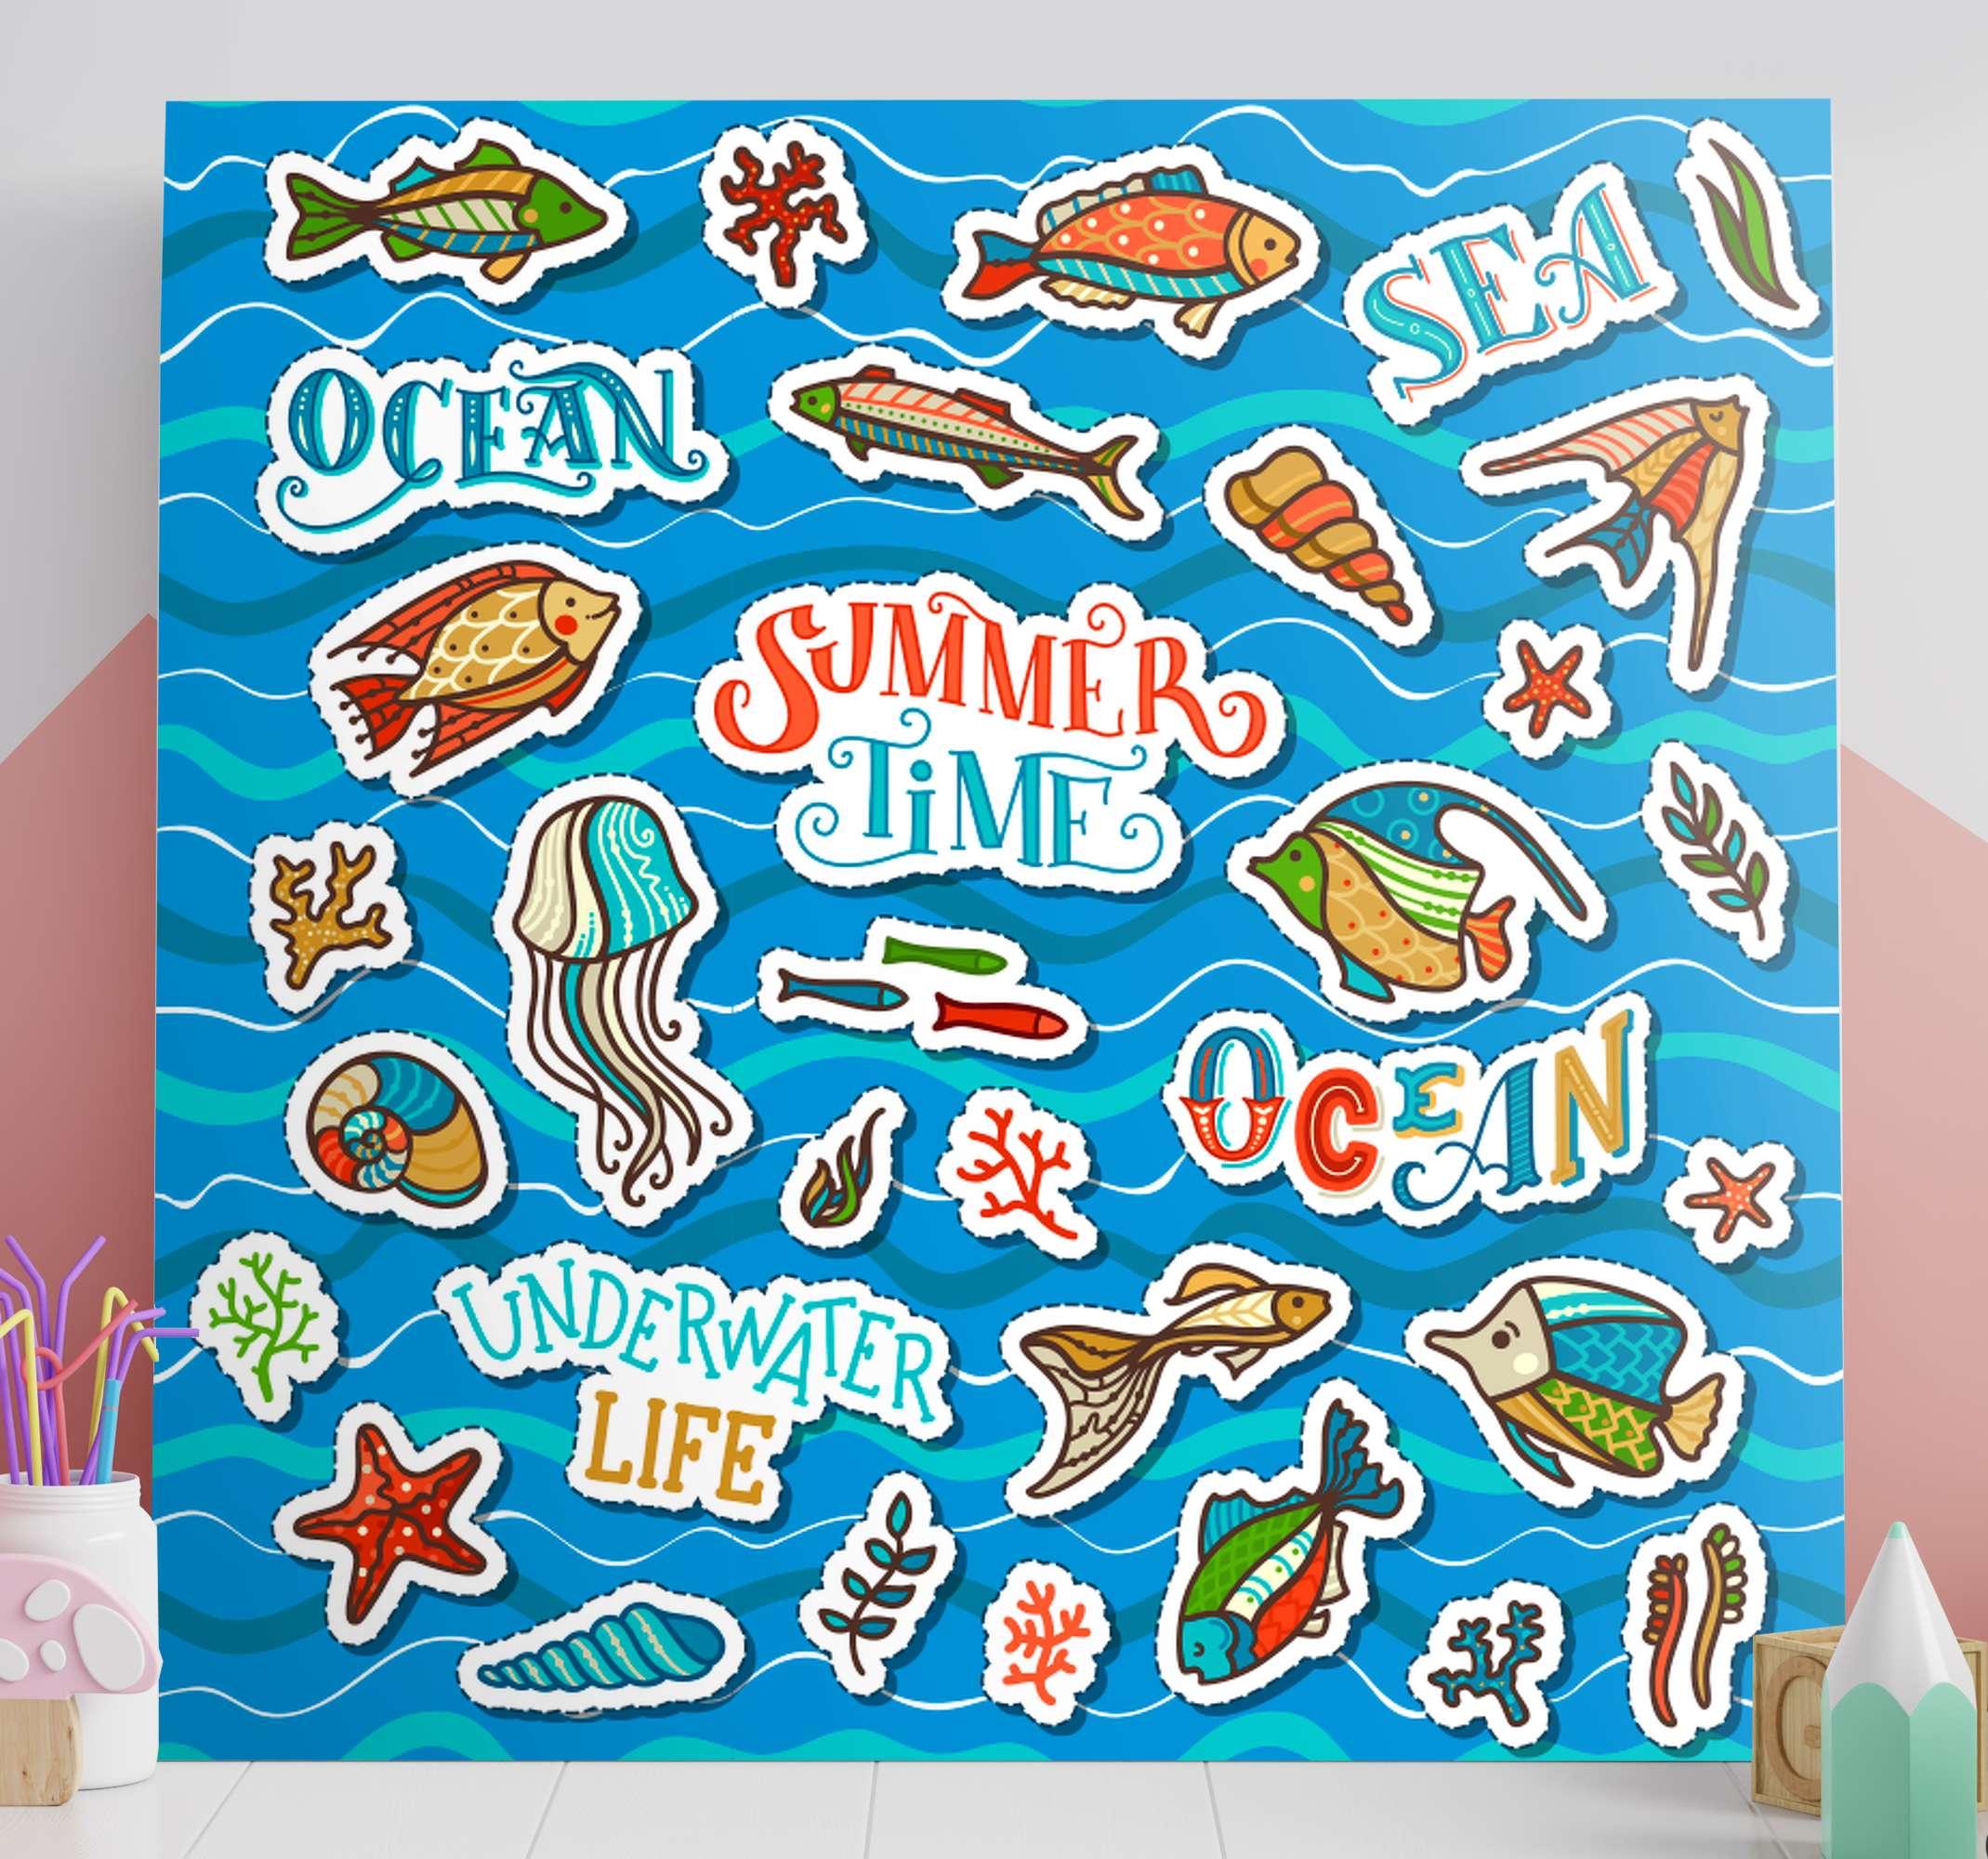 TenStickers. óceán matrica kollázs fal képek gyerekeknek. Gyerekek vászonkép, amely rengeteg különféle képet tartalmaz az óceánnal kapcsolatban, beleértve a halakat, kagylókat és tengeri moszatokat. Válassza ki a méretét.